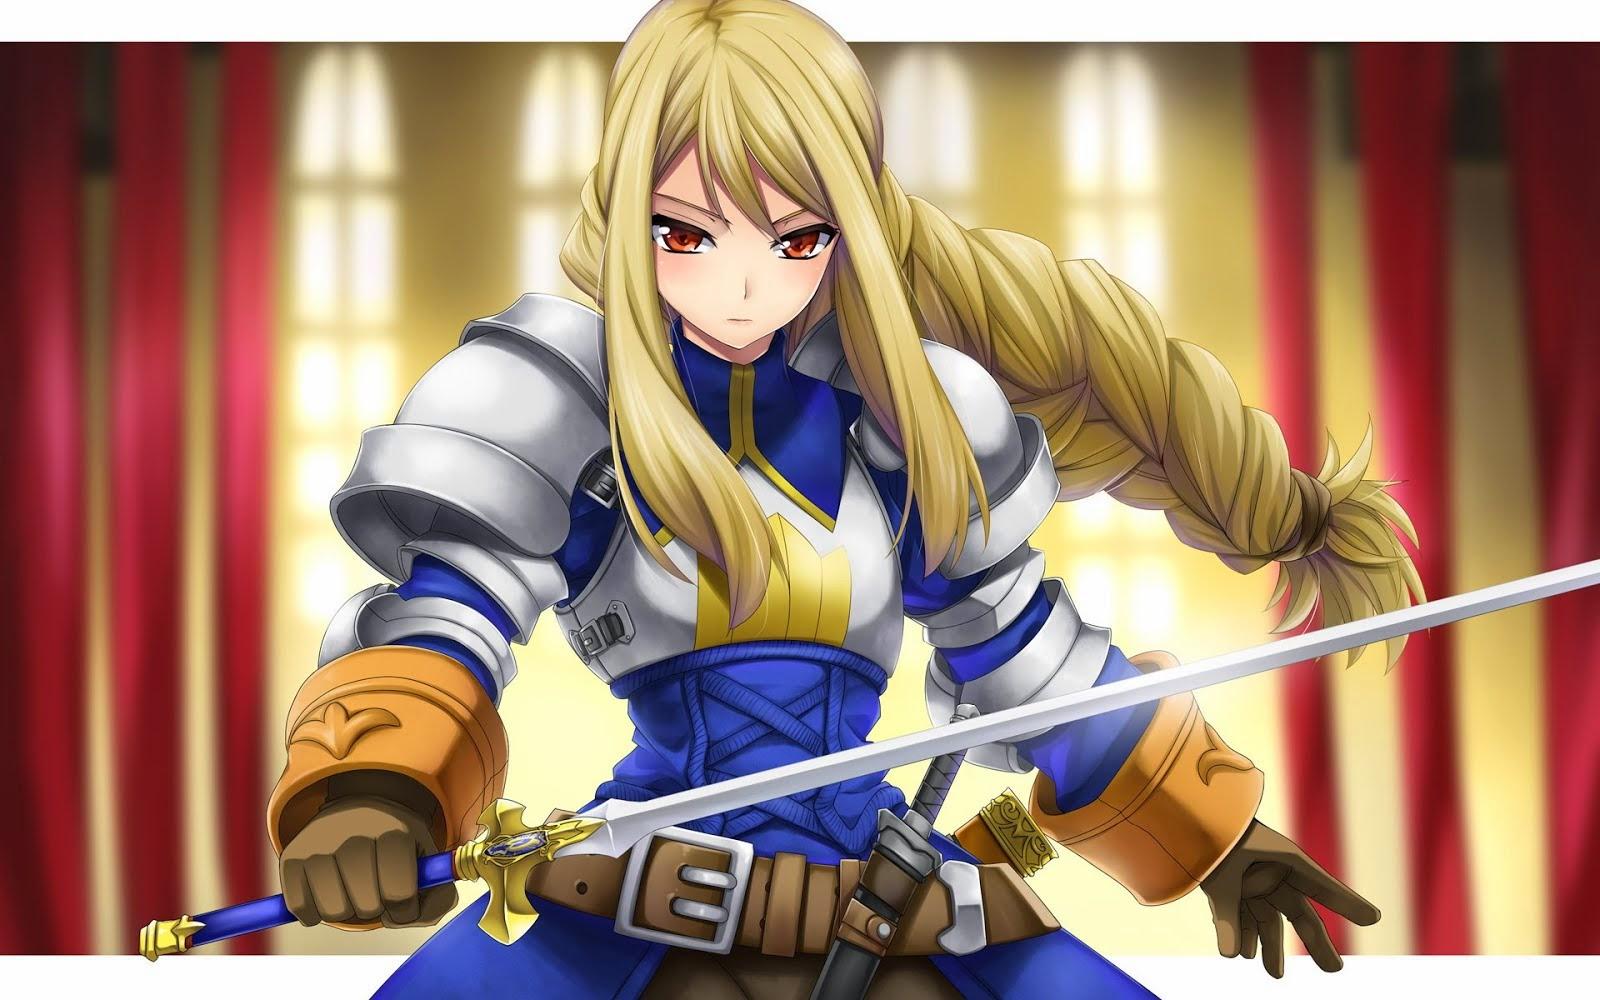 Garotas espadachins sejam bem vindas!!!